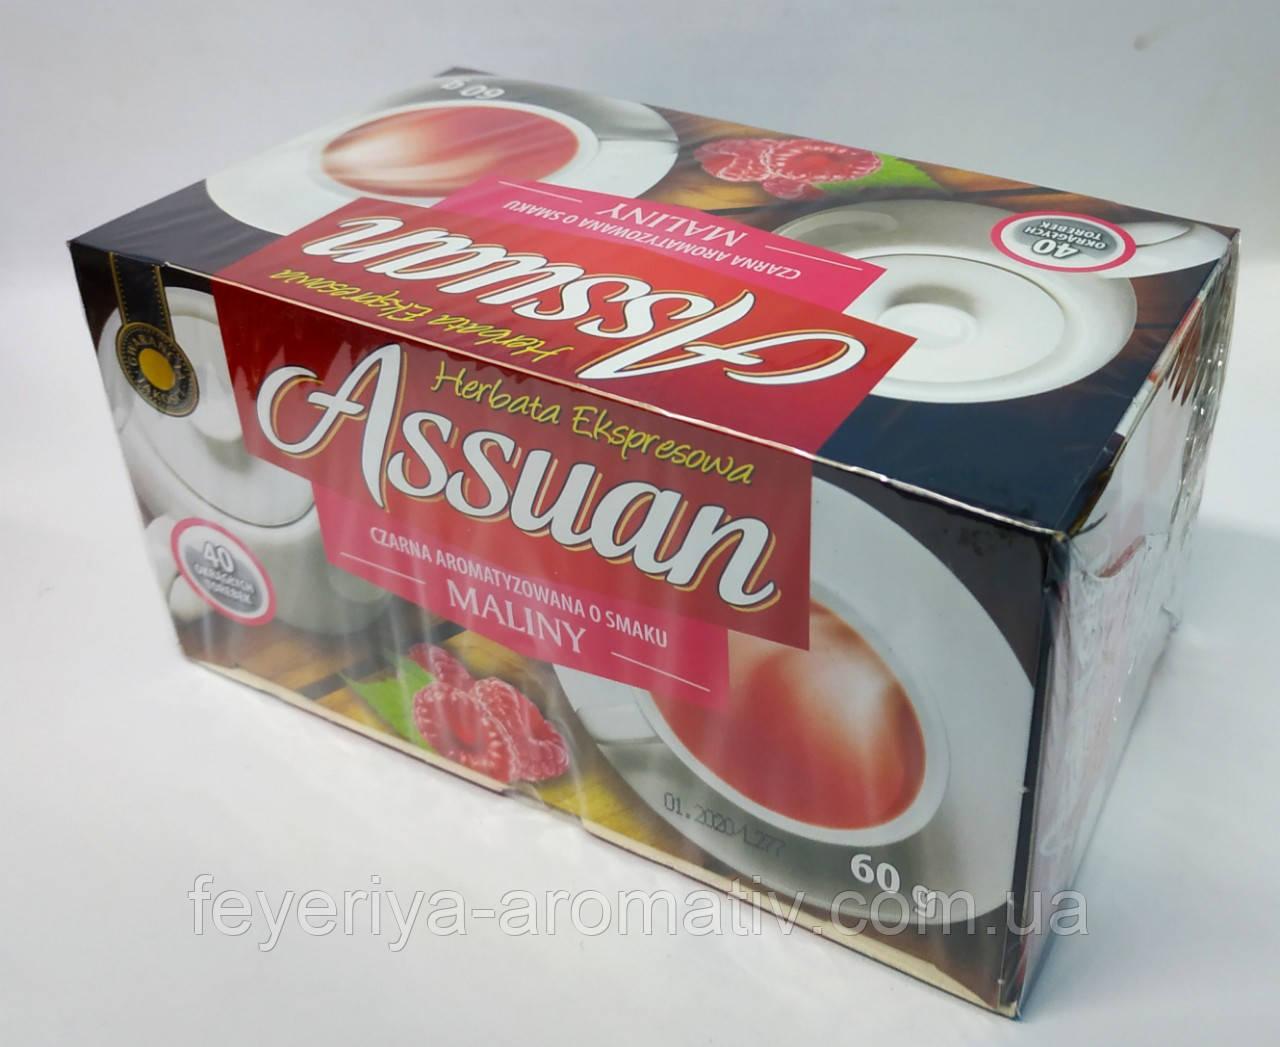 Чай черный с ароматом малины Assuan 40 пакетиков (Польша)